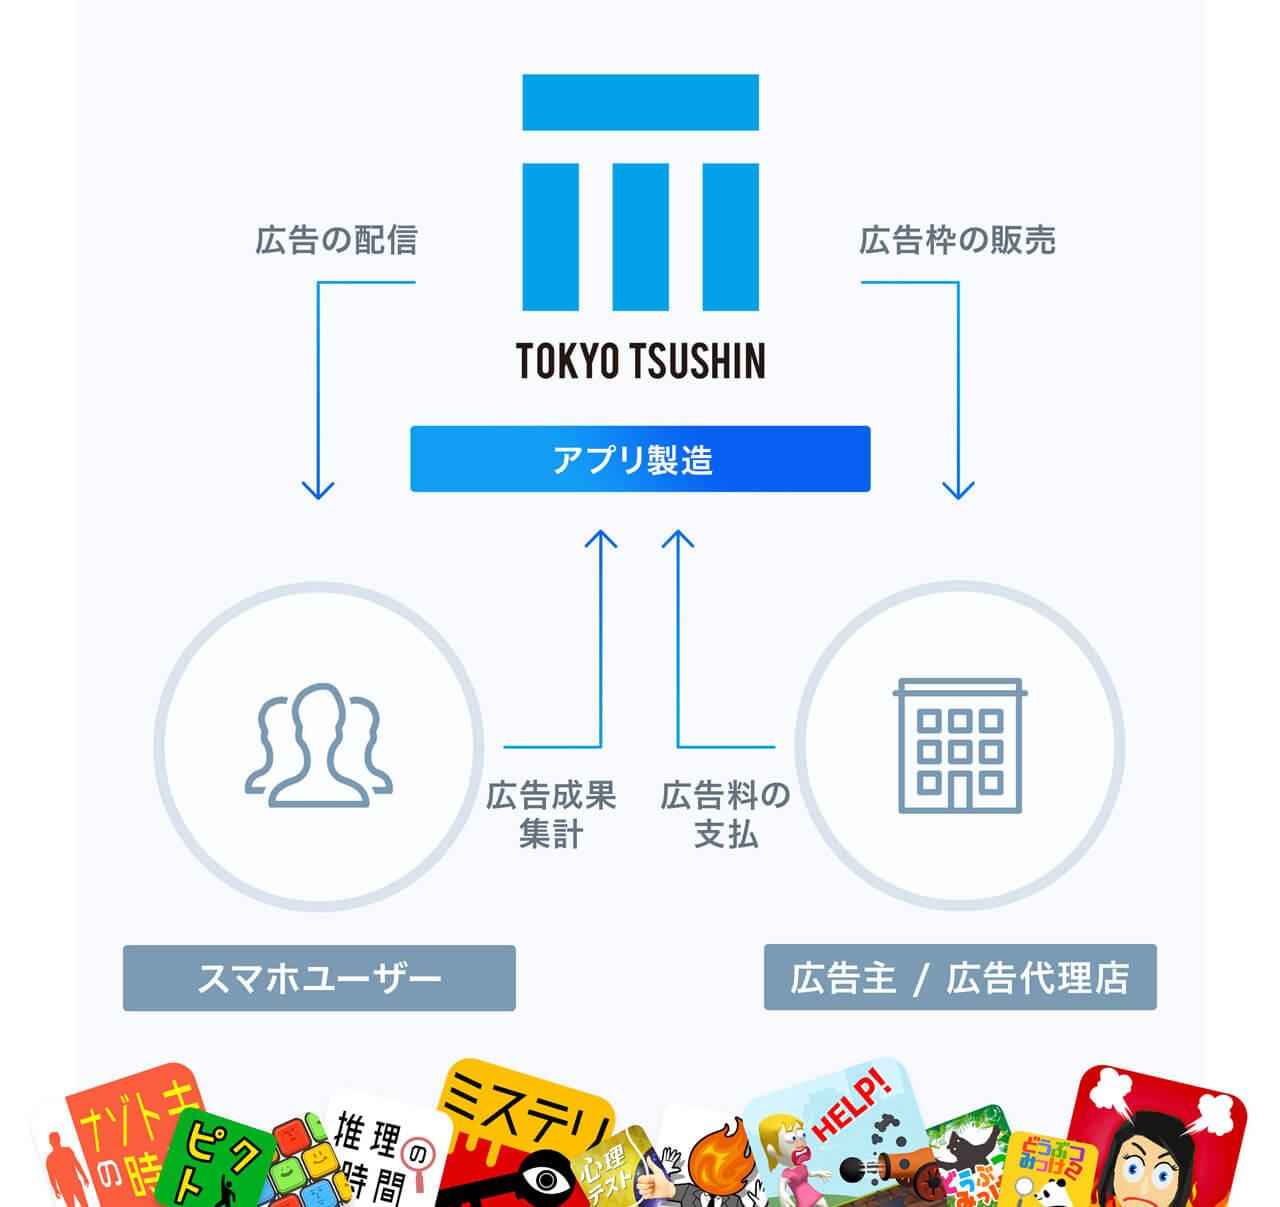 インターネットメディア事業イメージ